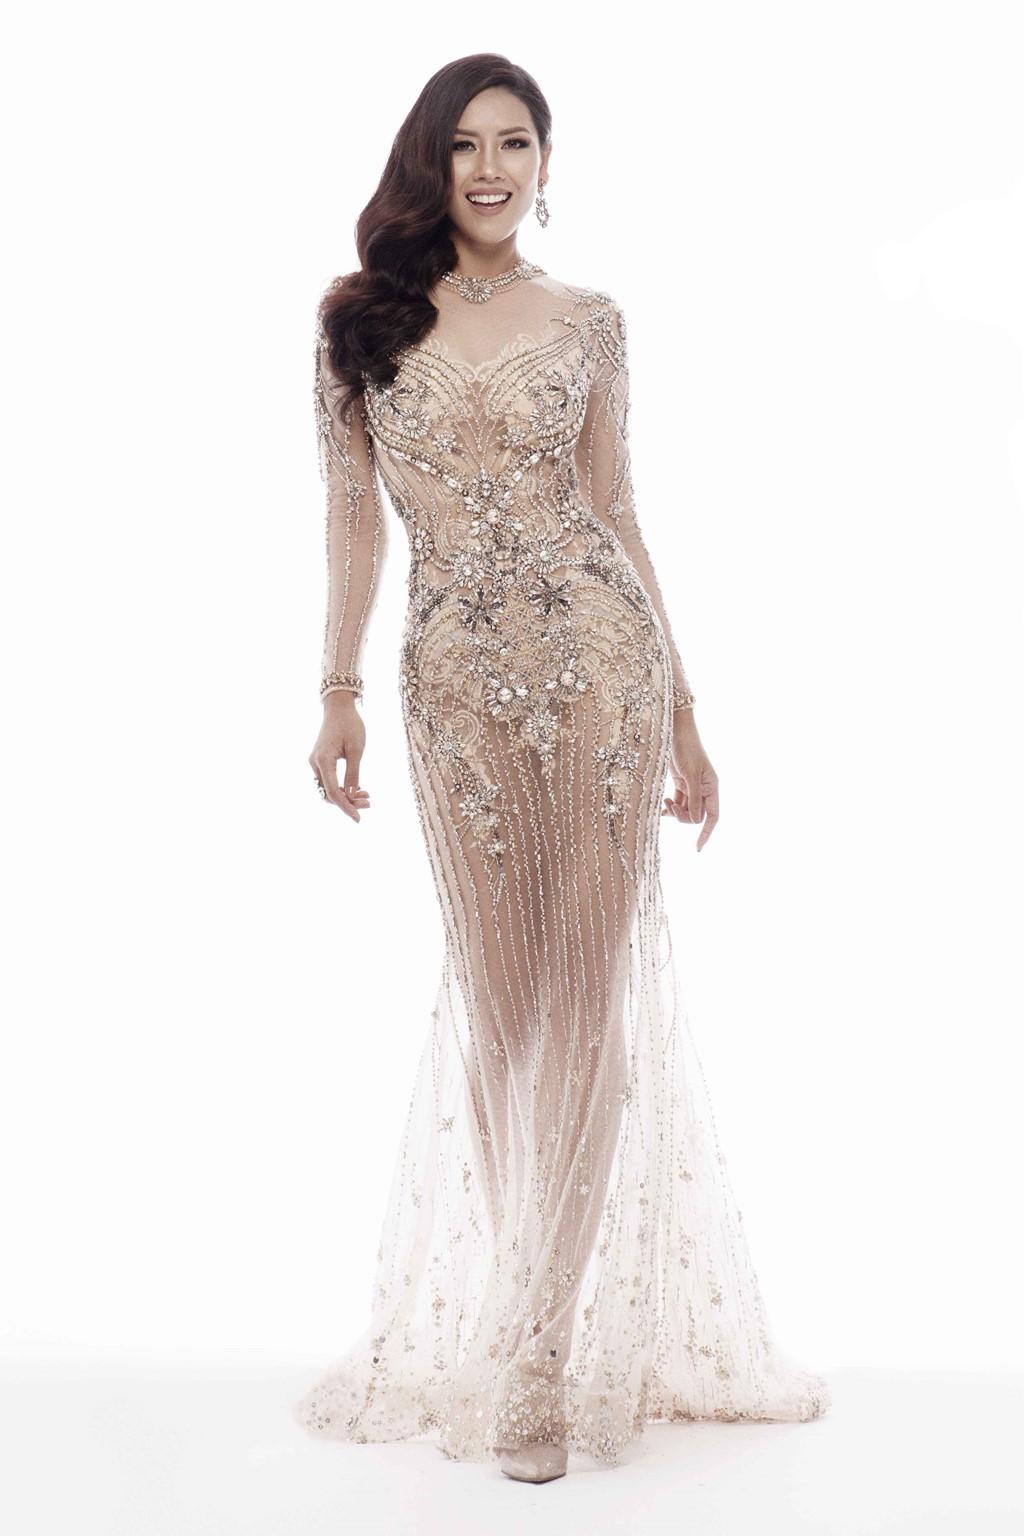 Nguyễn Thị Loan khoe trọn vóc dáng nóng bỏng trong trang phục dạ hội xuyên thấu tại Miss Universe - Ảnh 4.